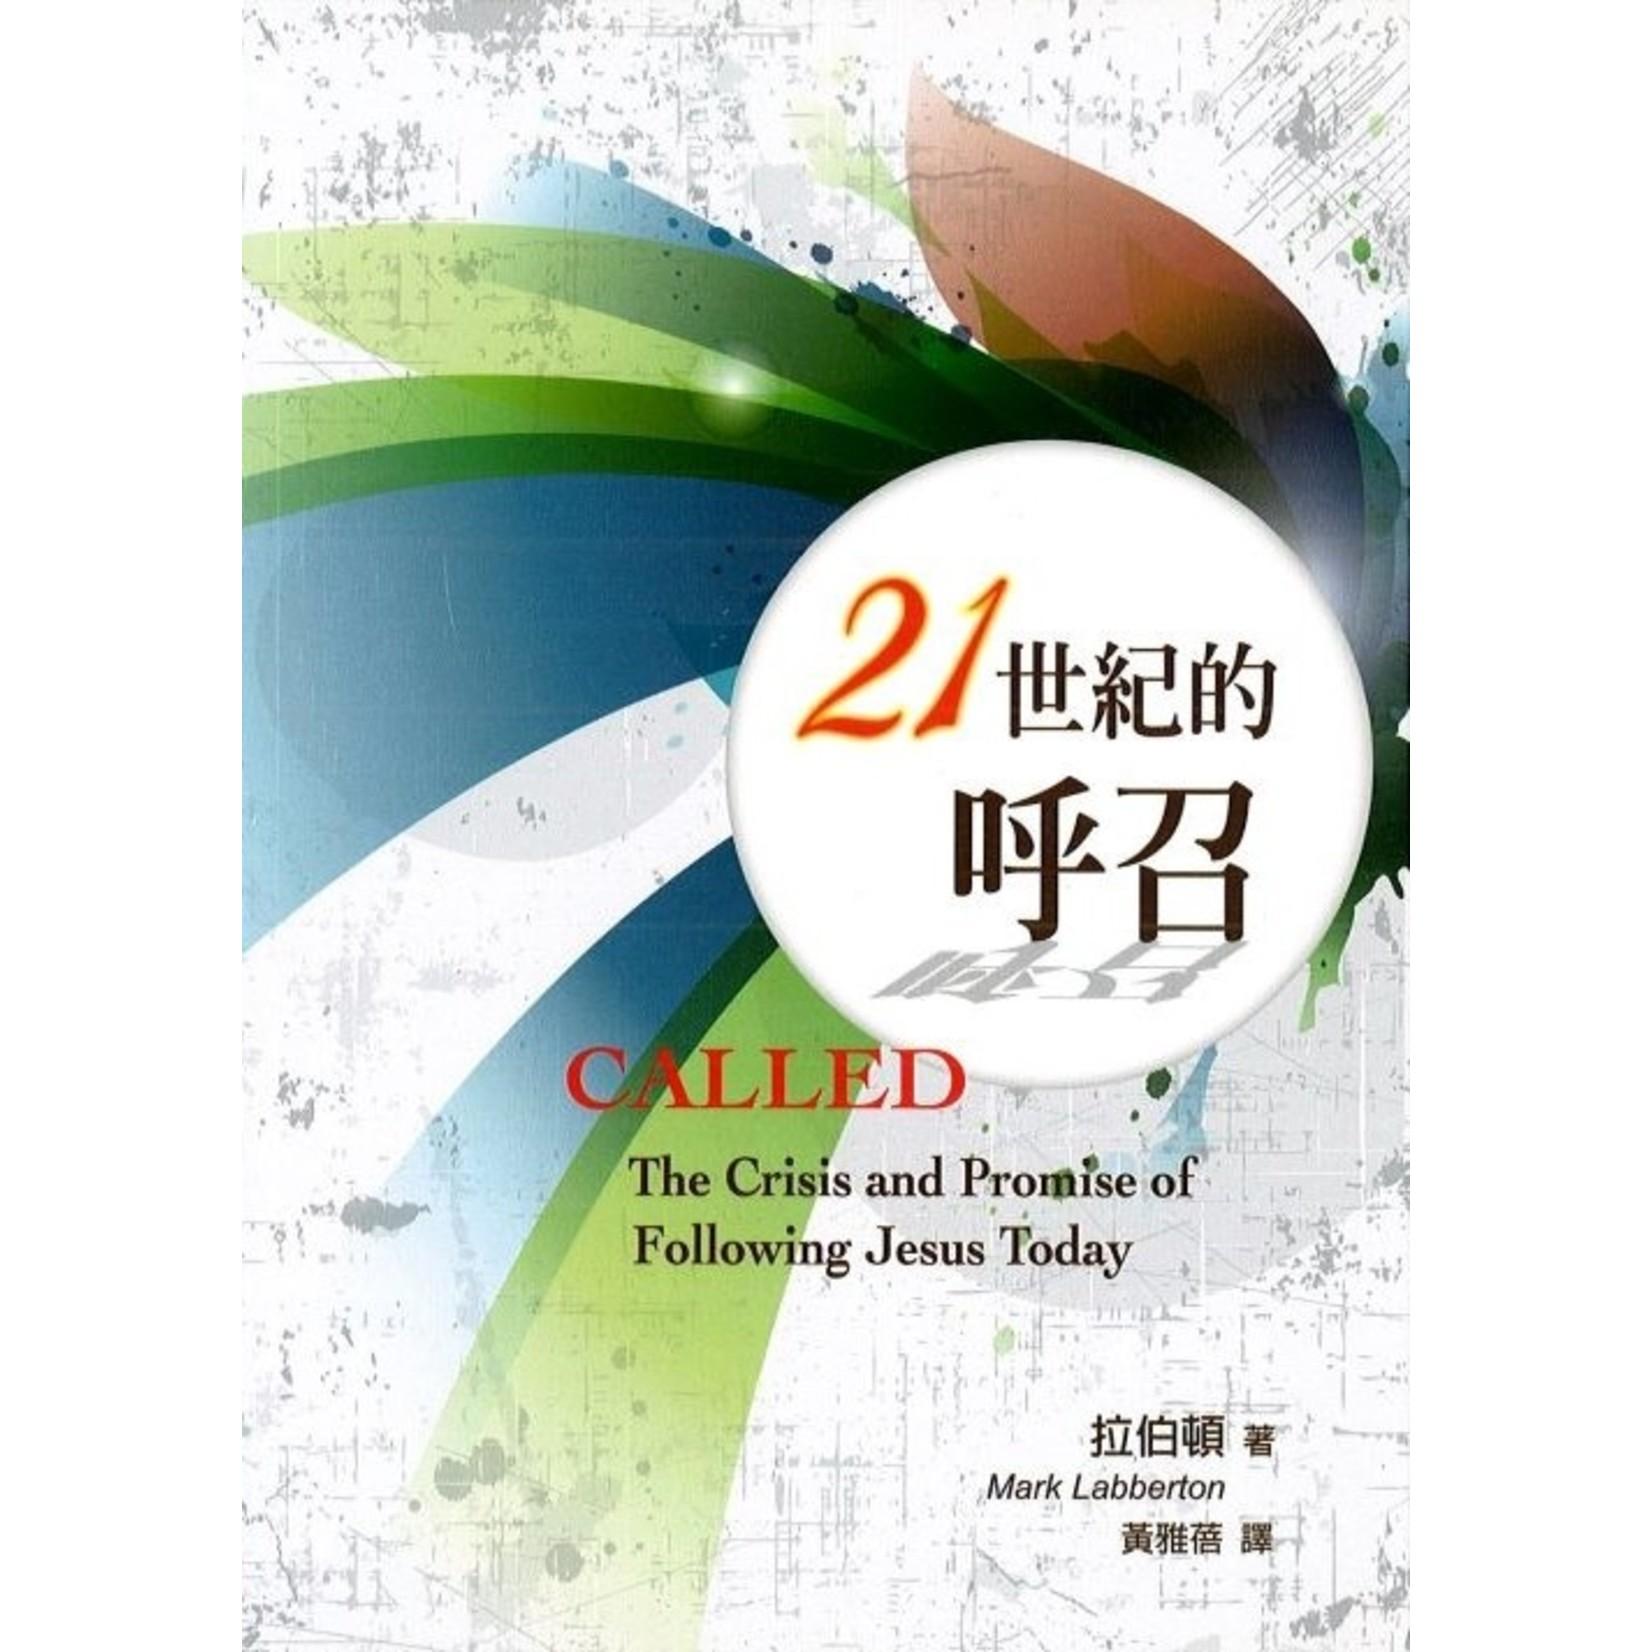 福音證主協會 Christian Communication Inc 21世紀的呼召 Called: The Crisis and Promise of Following Jesus Today